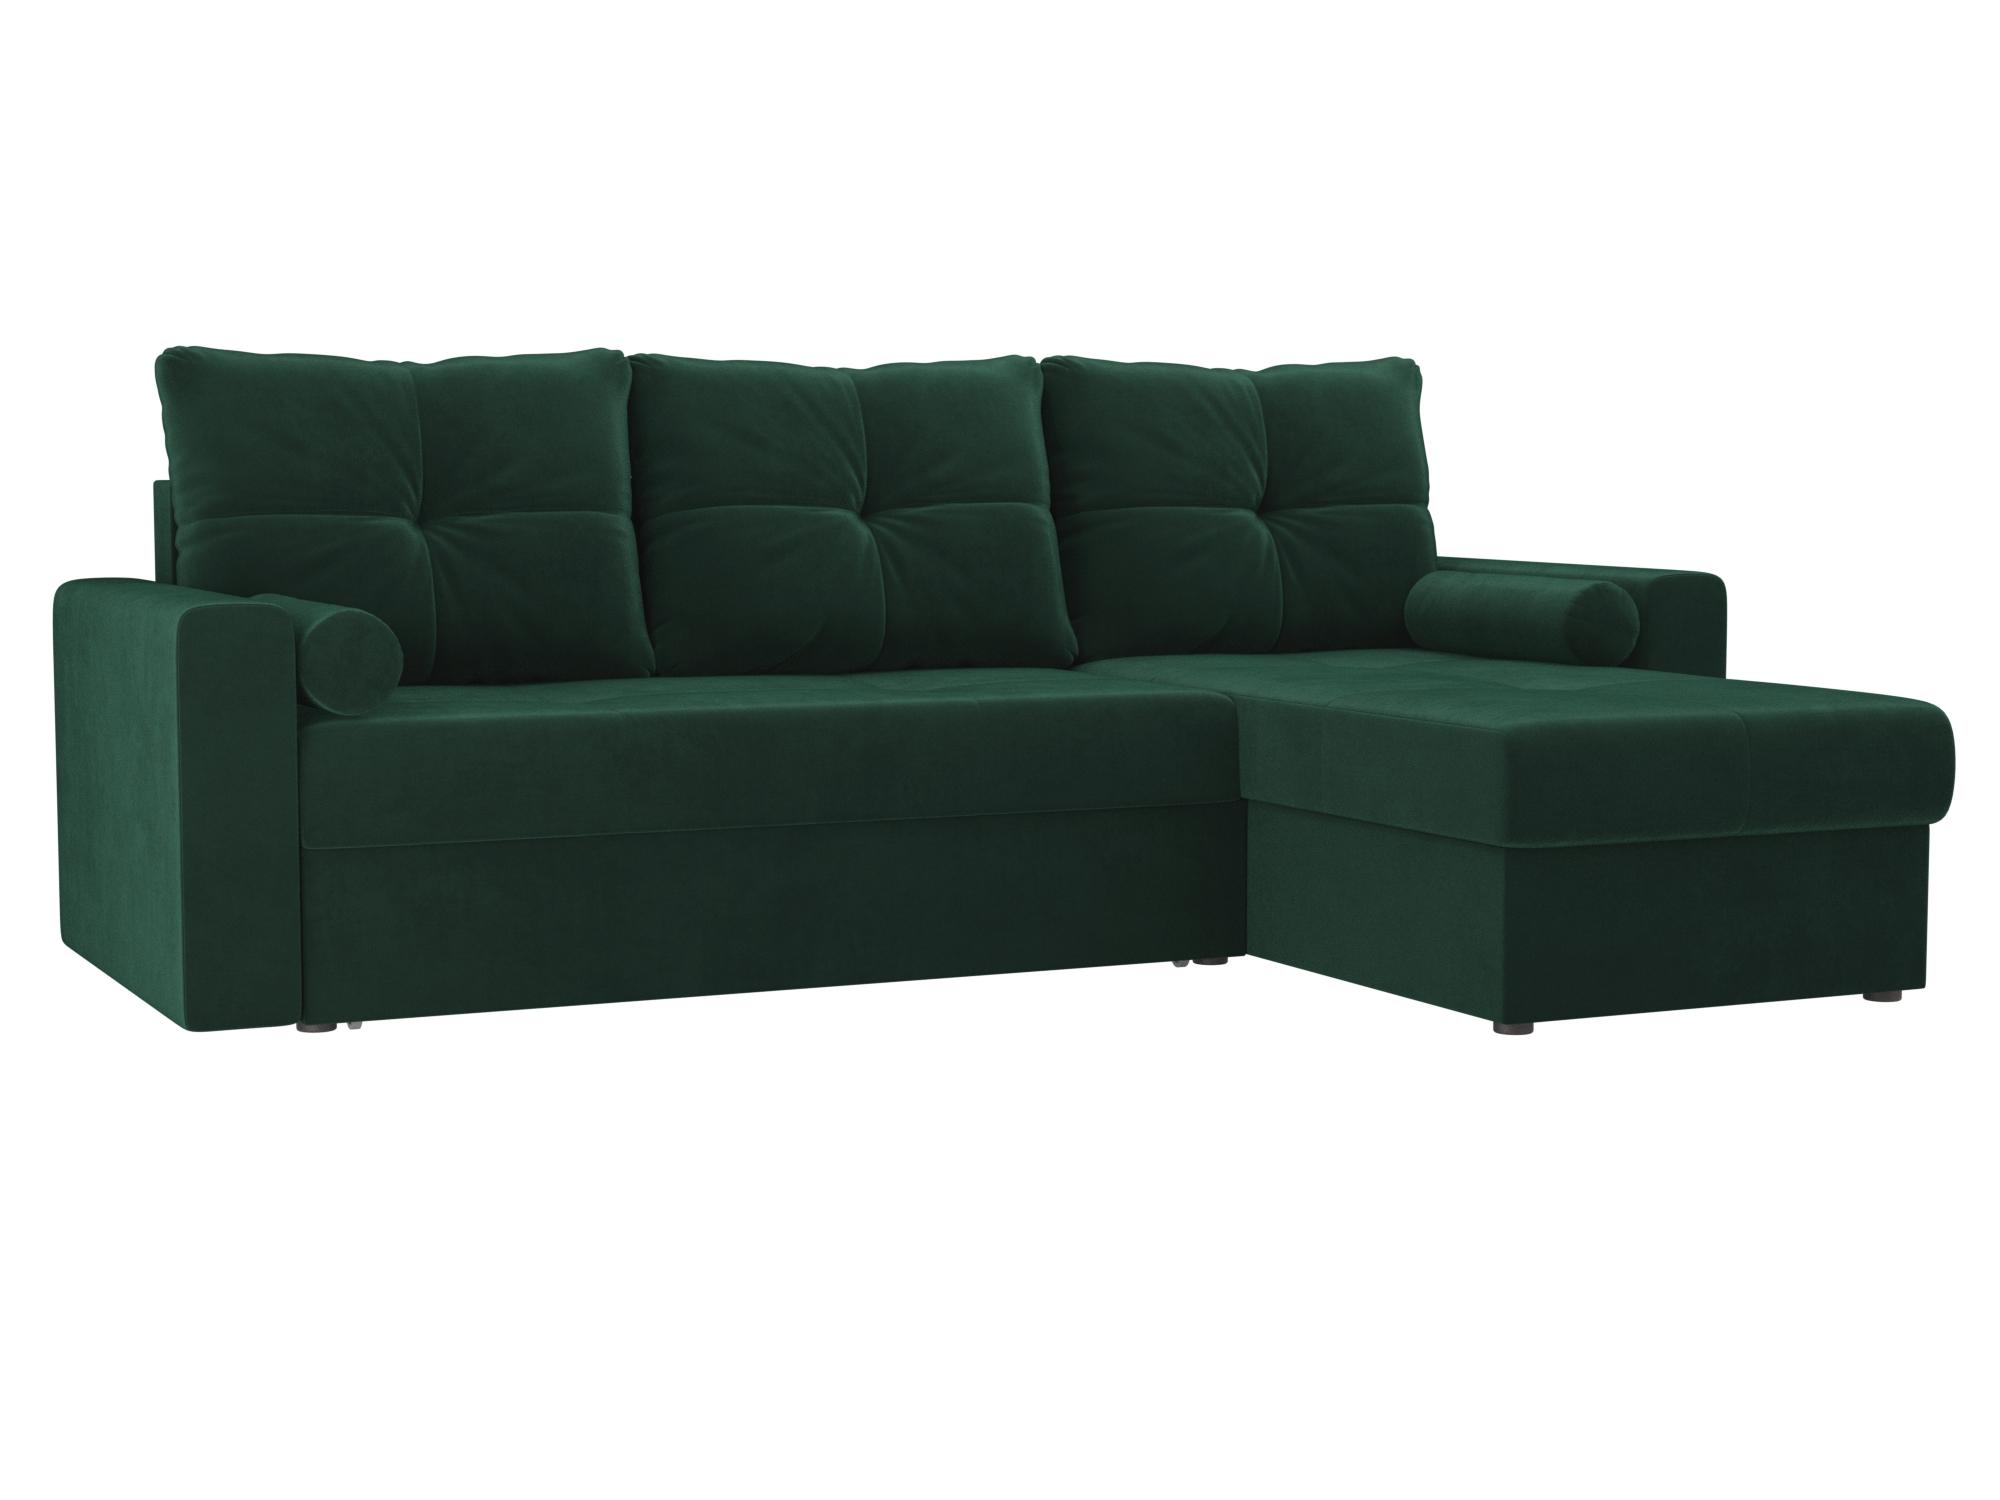 Угловой диван Верона правый MebelVia Зеленый